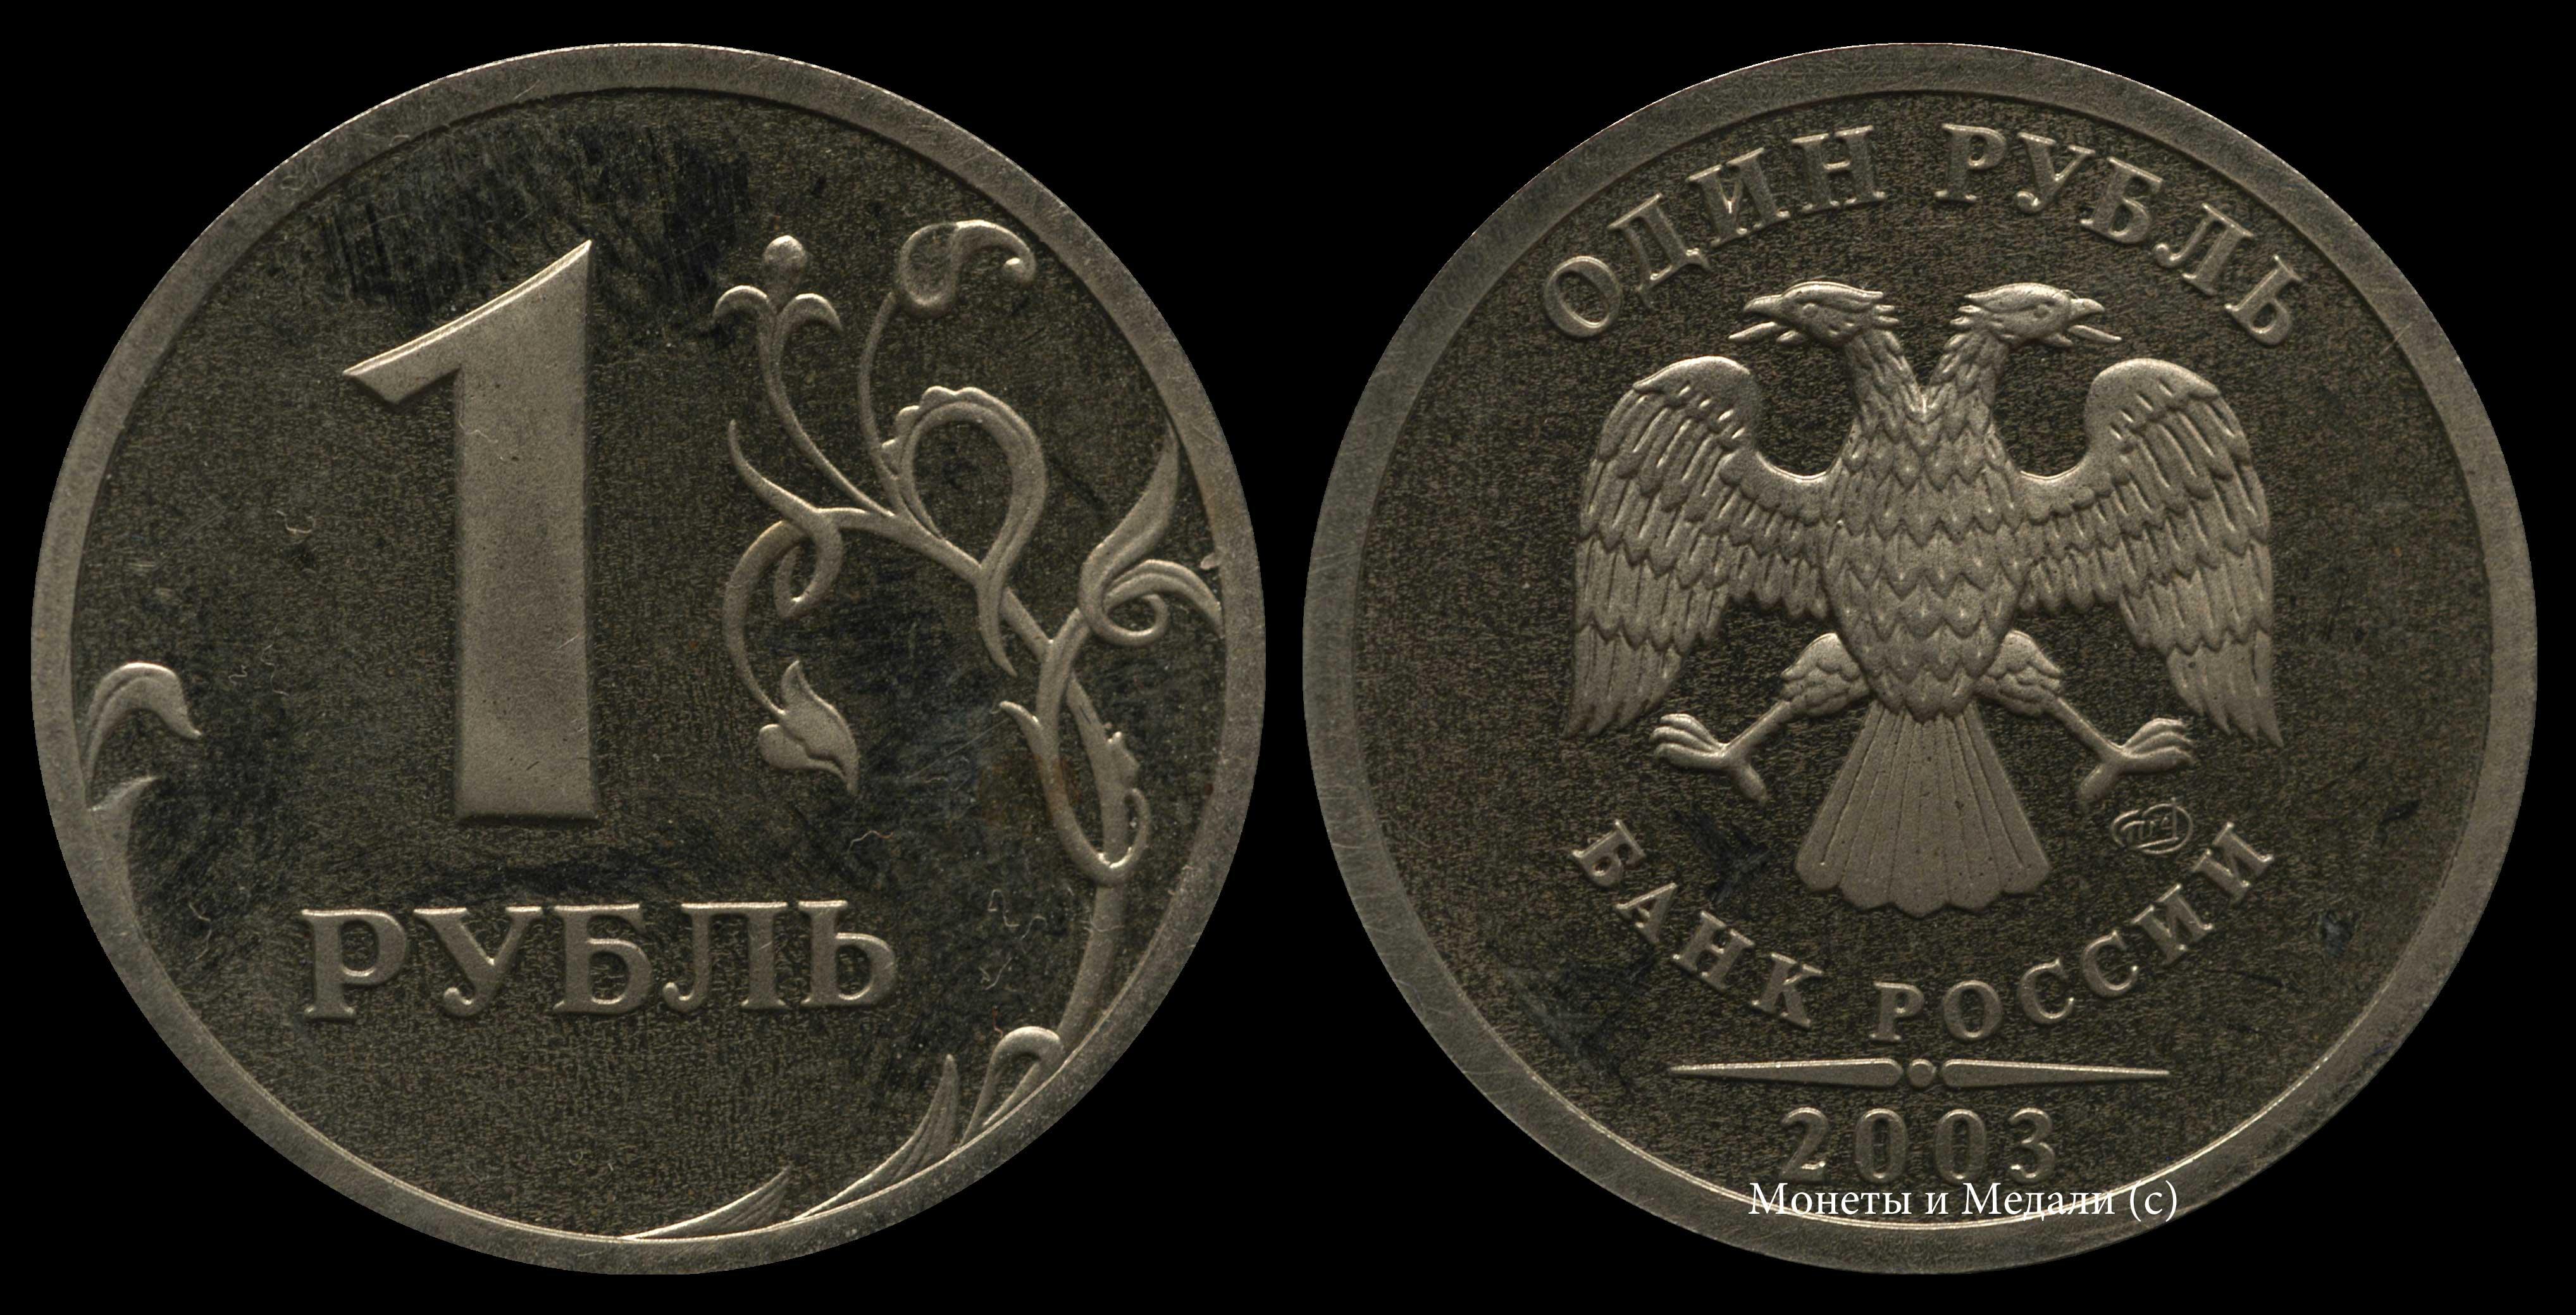 Монеты 2003 года россия купить монеты на олх